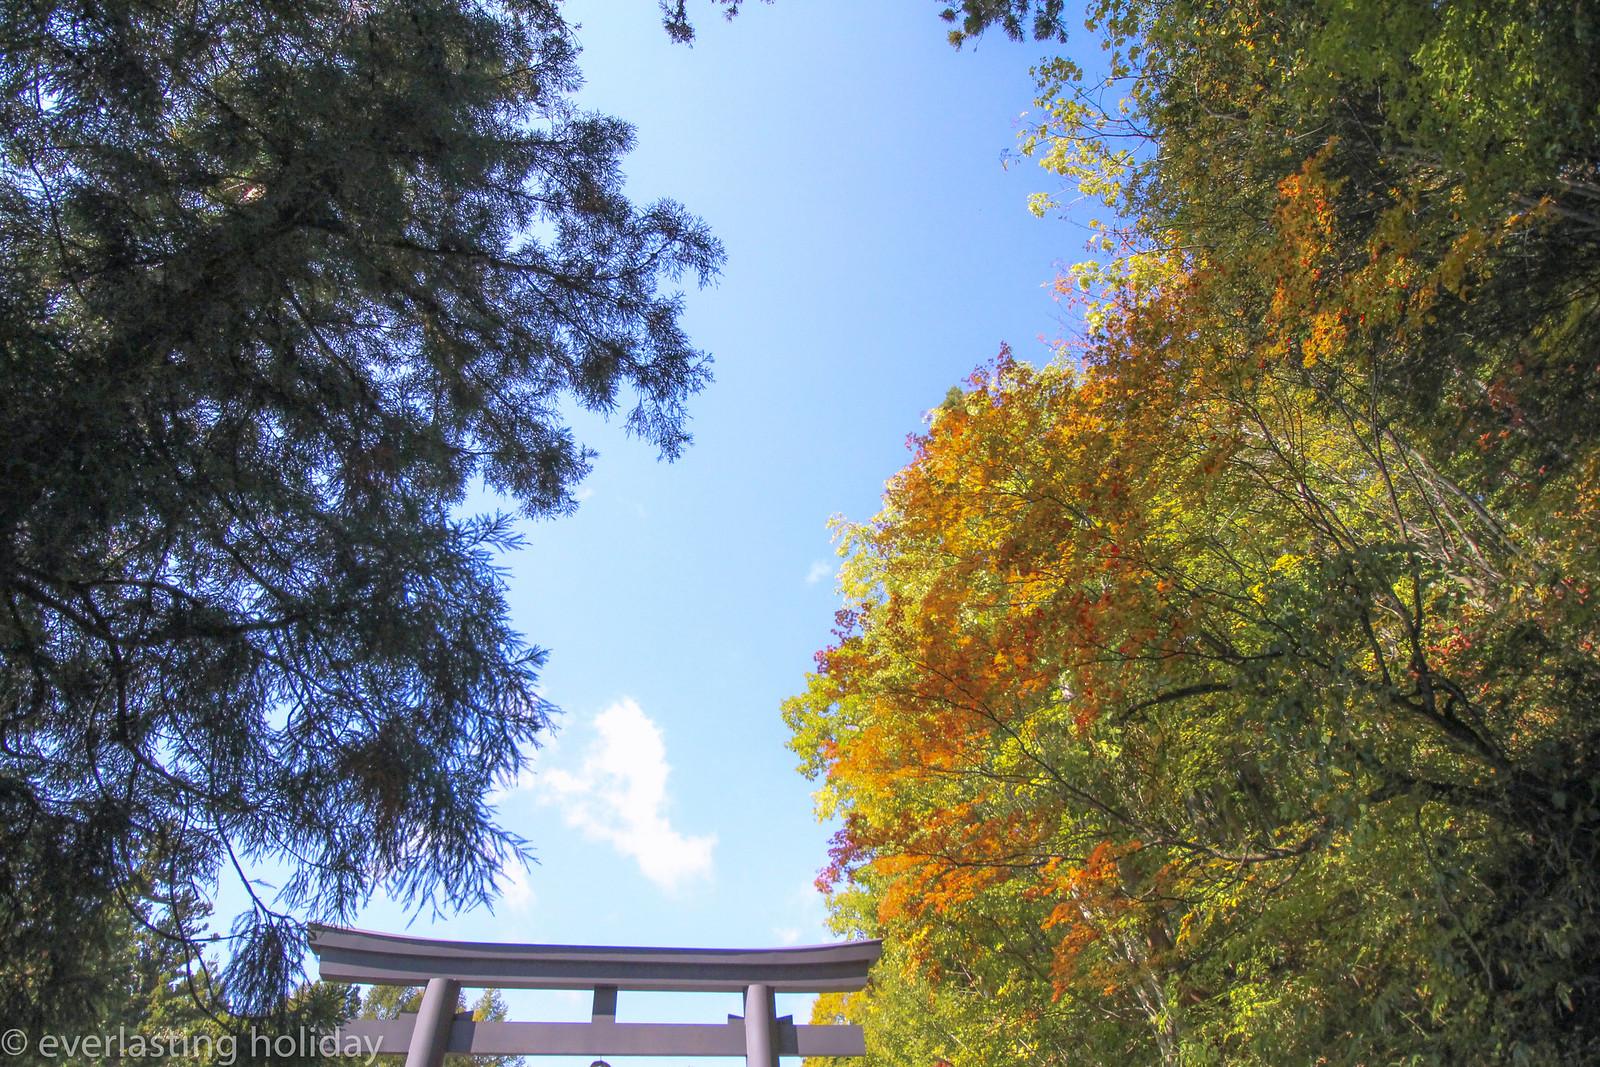 戸隠神社 Togakushi-jinja Shrine-0002